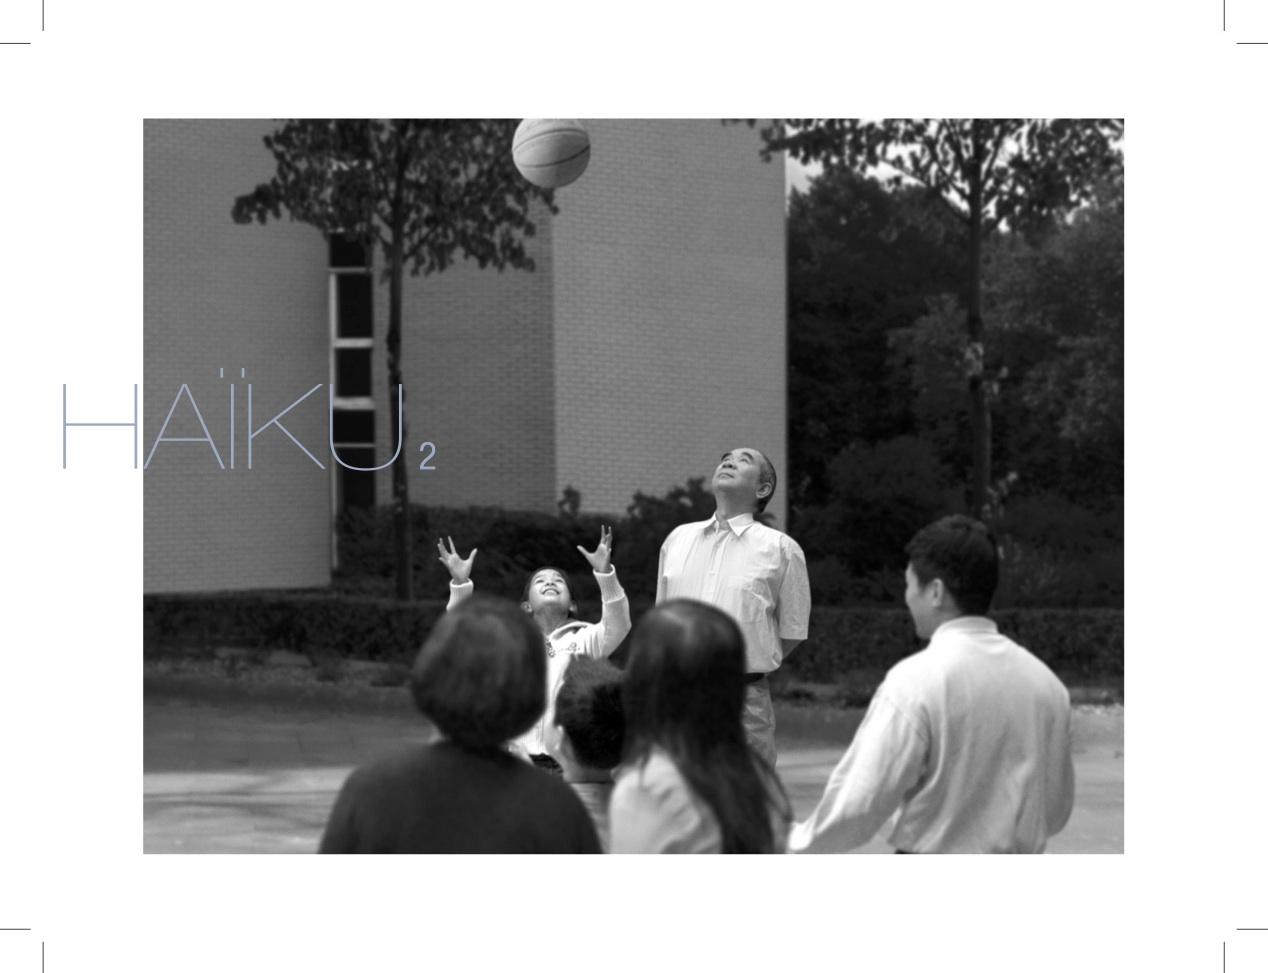 carton-haiku2-v1